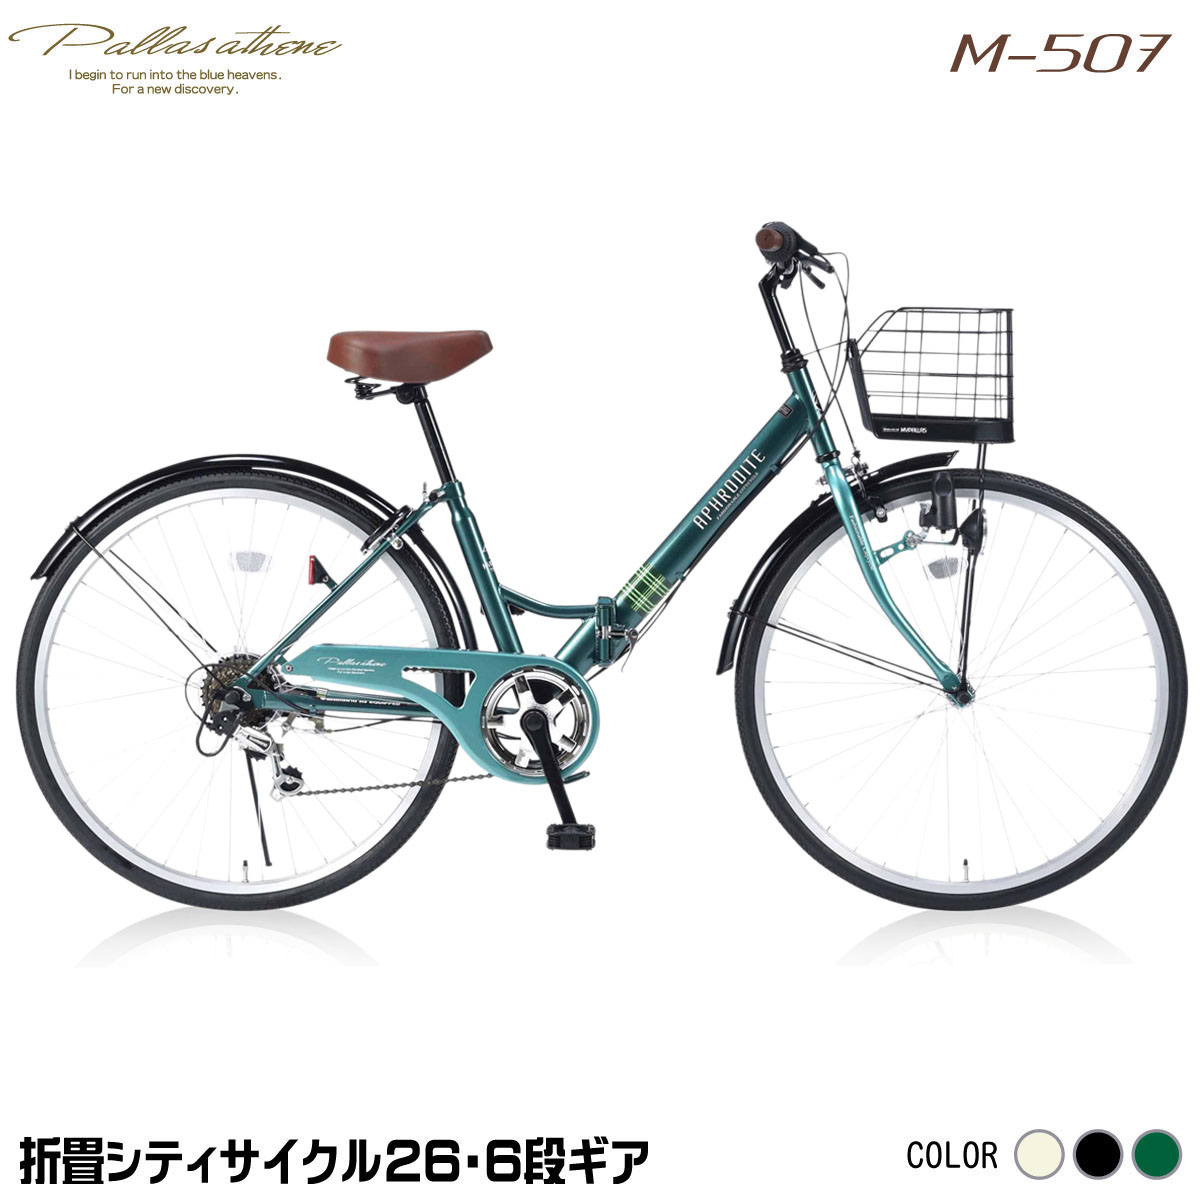 【送料無料】マイパラス M-507-GR グリーン [折りたたみシティ自転車(26インチ・6段変速)] 【同梱配送不可】【代引き・後払い決済不可】【本州以外の配送不可】